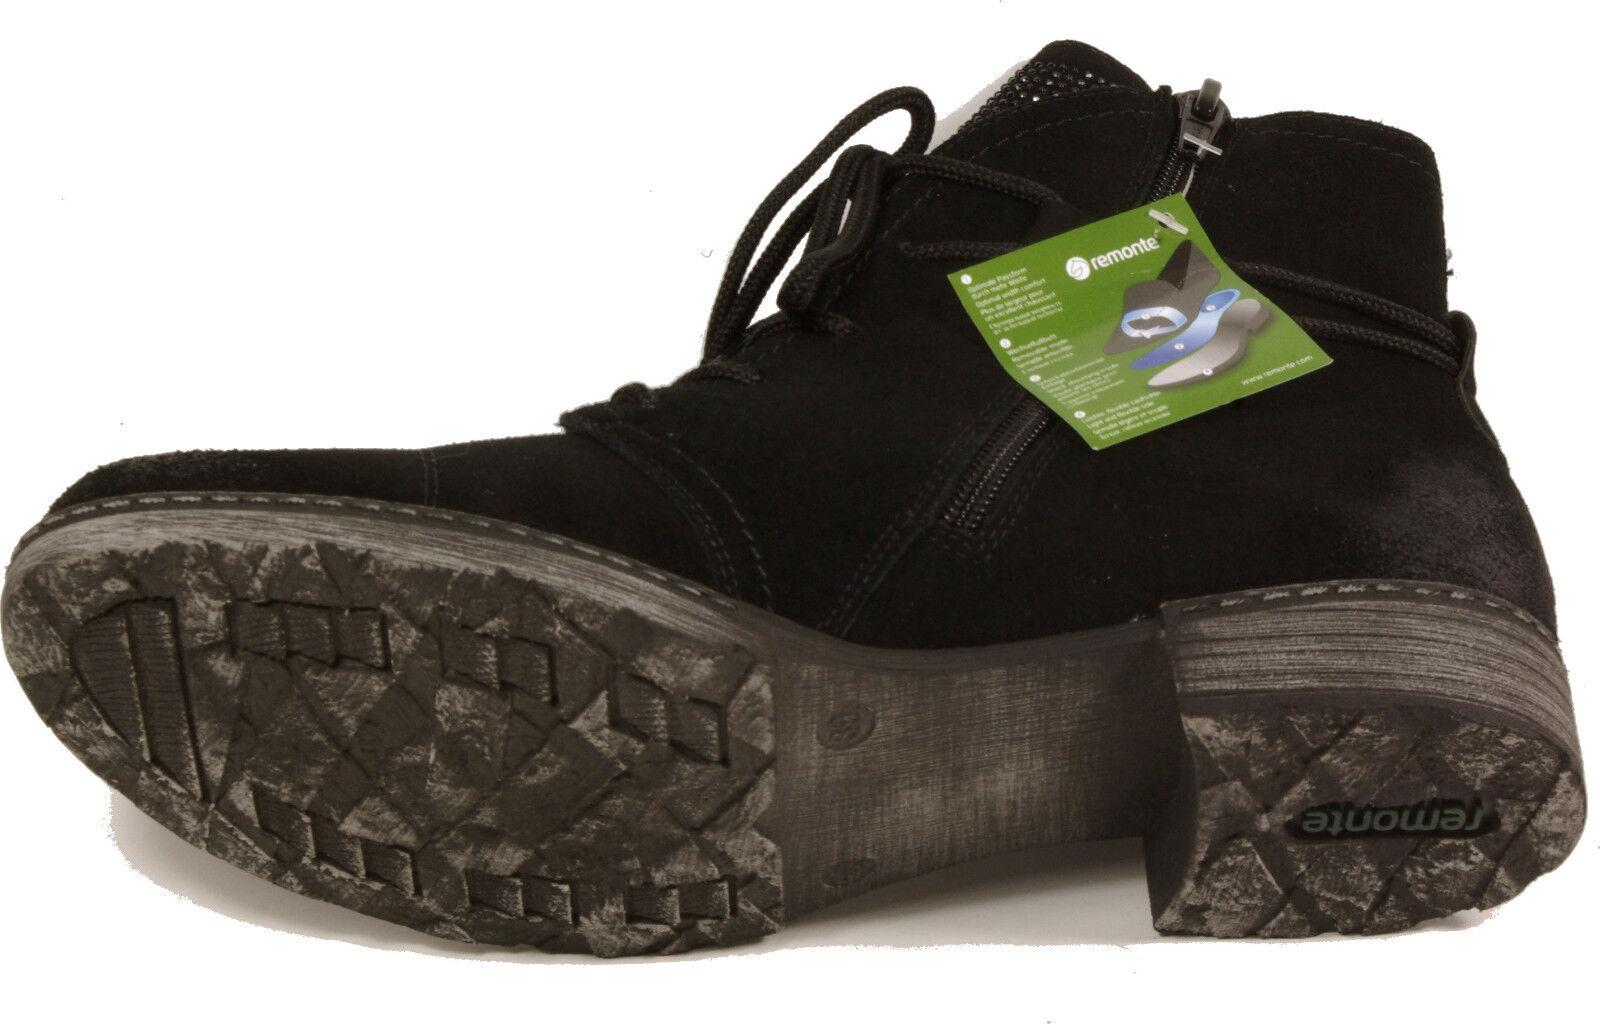 REMONTE Stiefeletten Schnürstiefel Ankle Ankle Ankle Stiefel schwarz Leder Reißverschluss NEU 3ddcf5